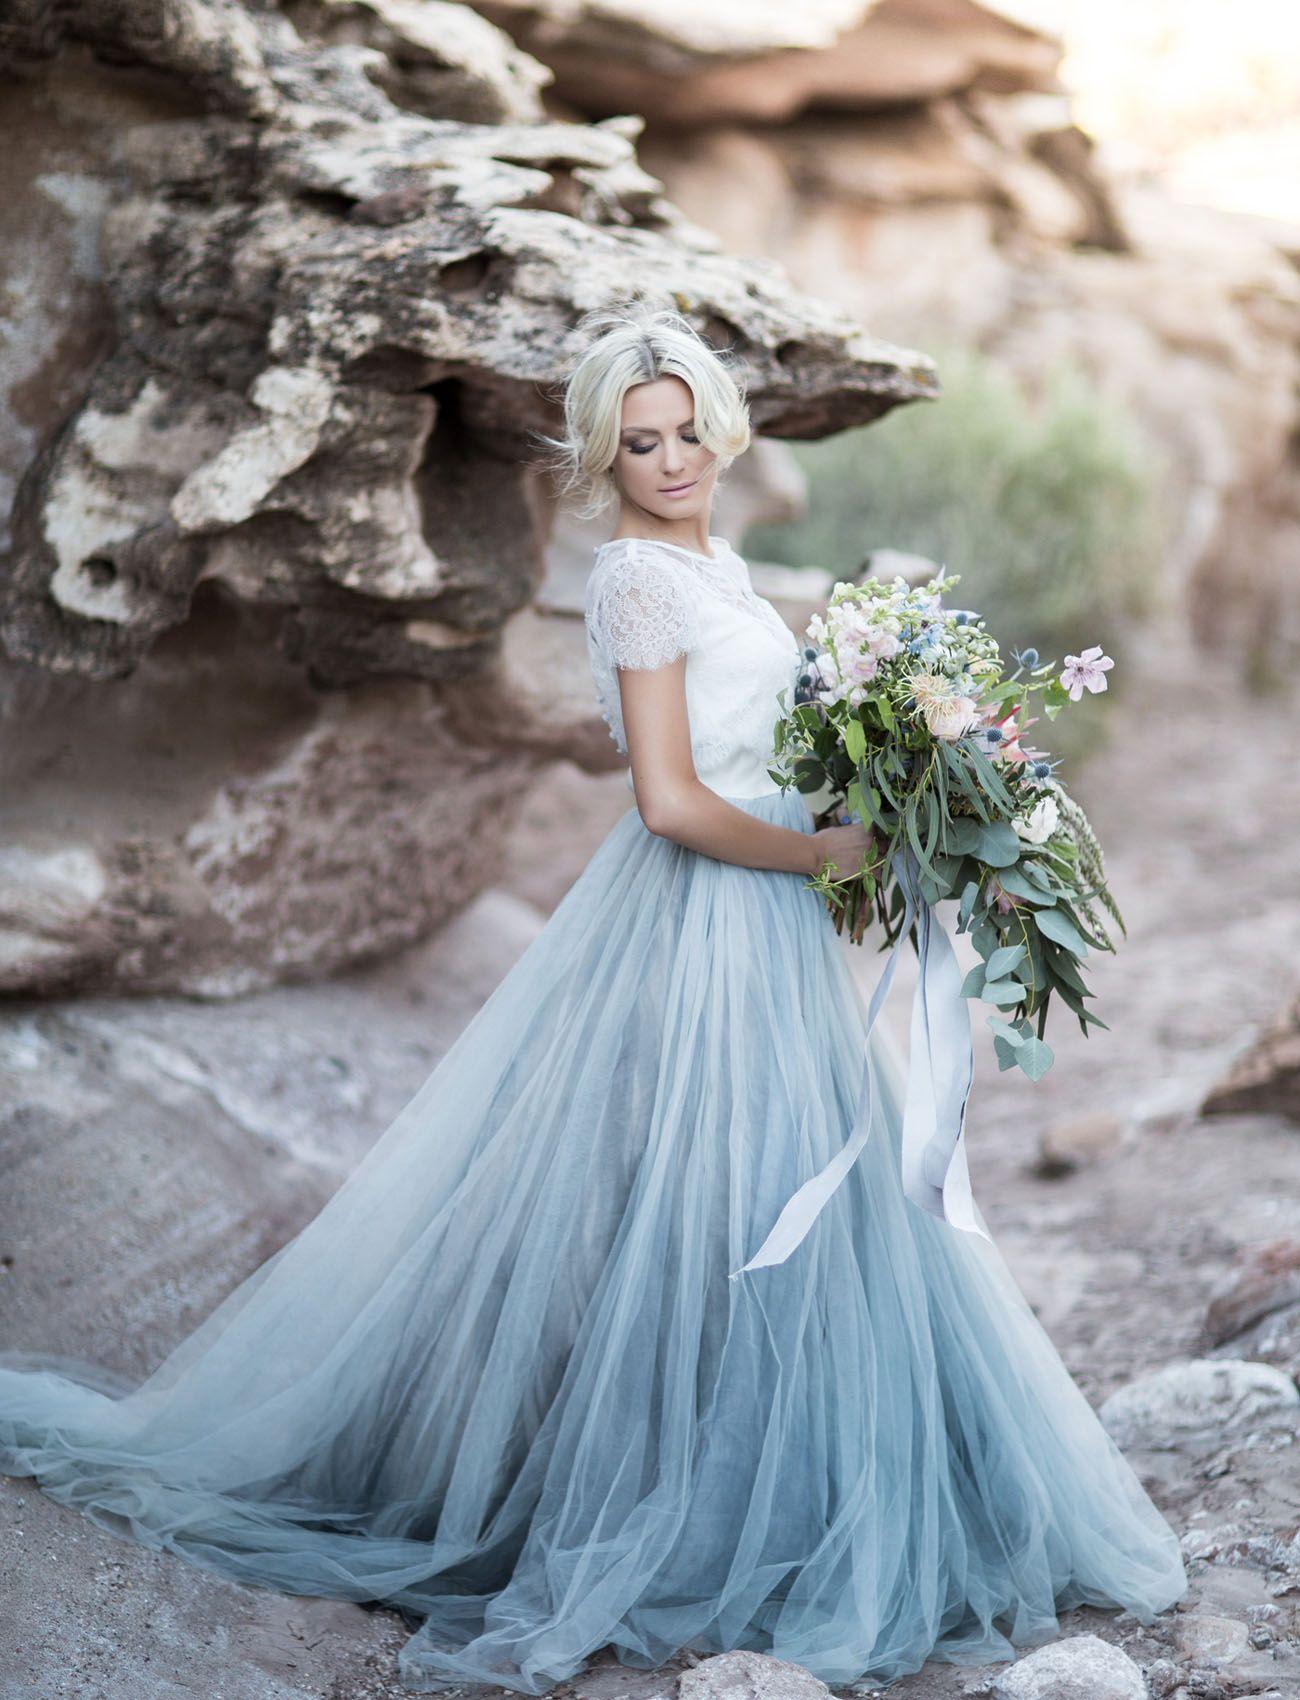 Brudbukett och brudklädsel i milda toner | Wedding, Wedding dress ...